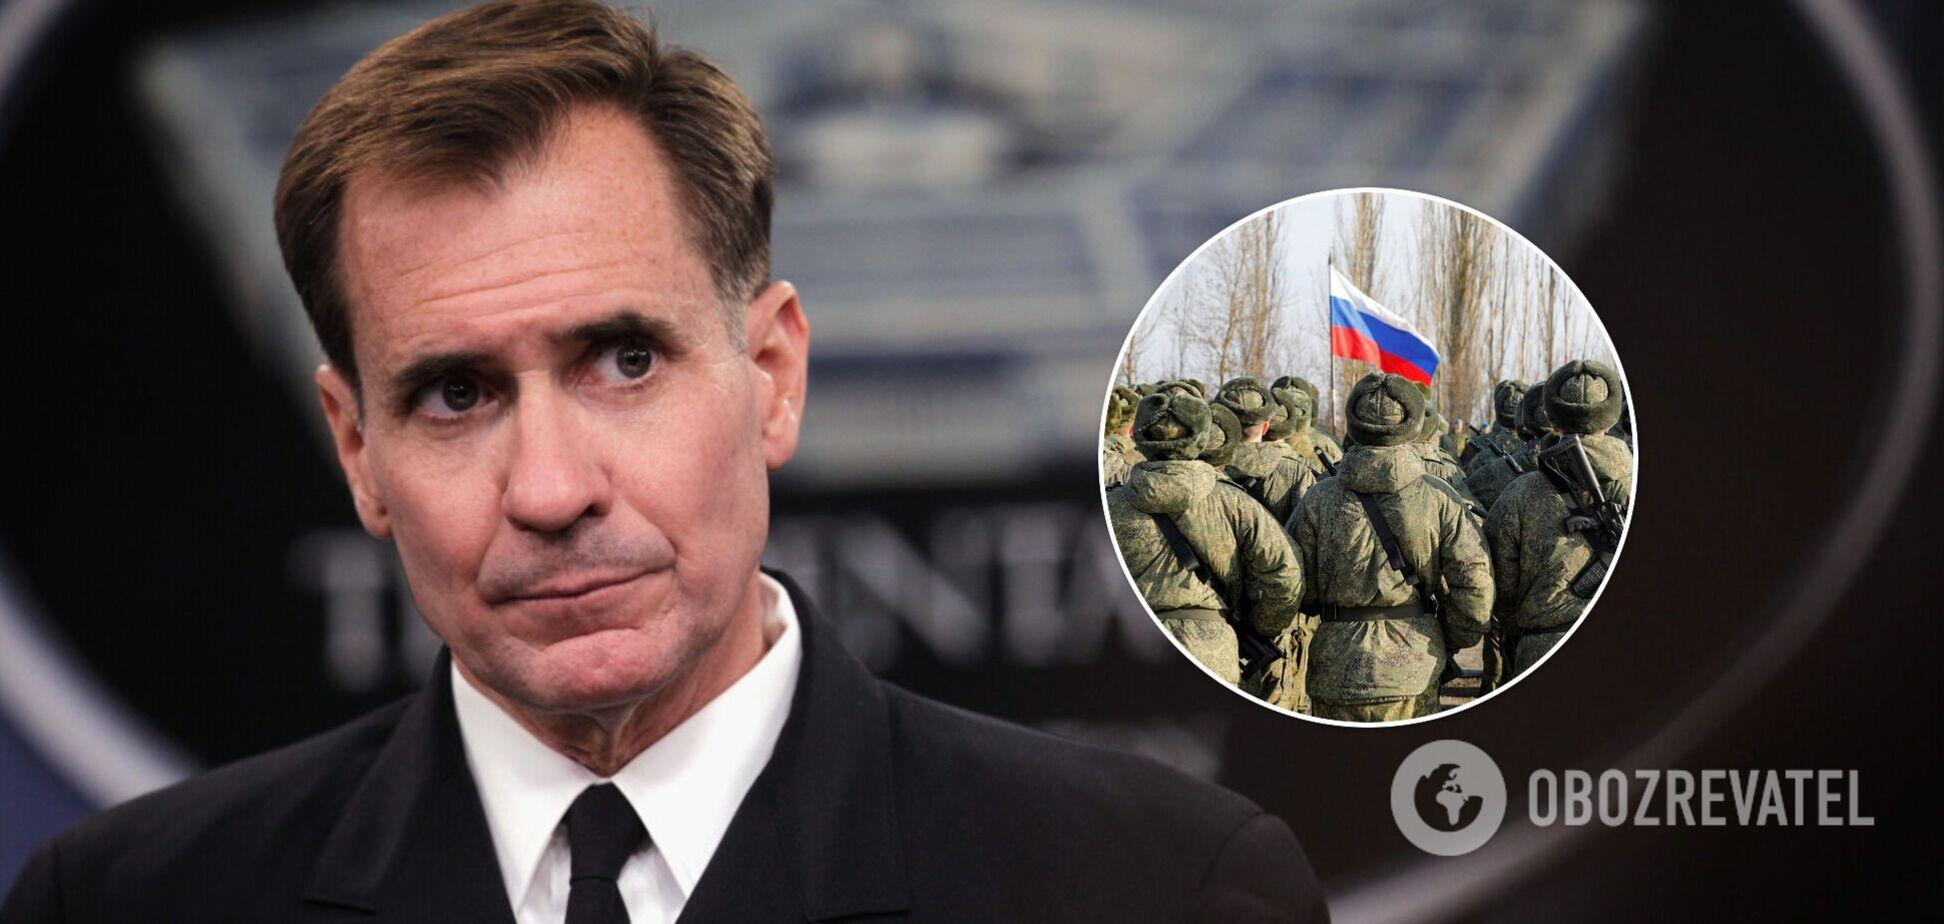 Пентагон потребовал от России объяснений из-за наращивания войск на границе с Украиной